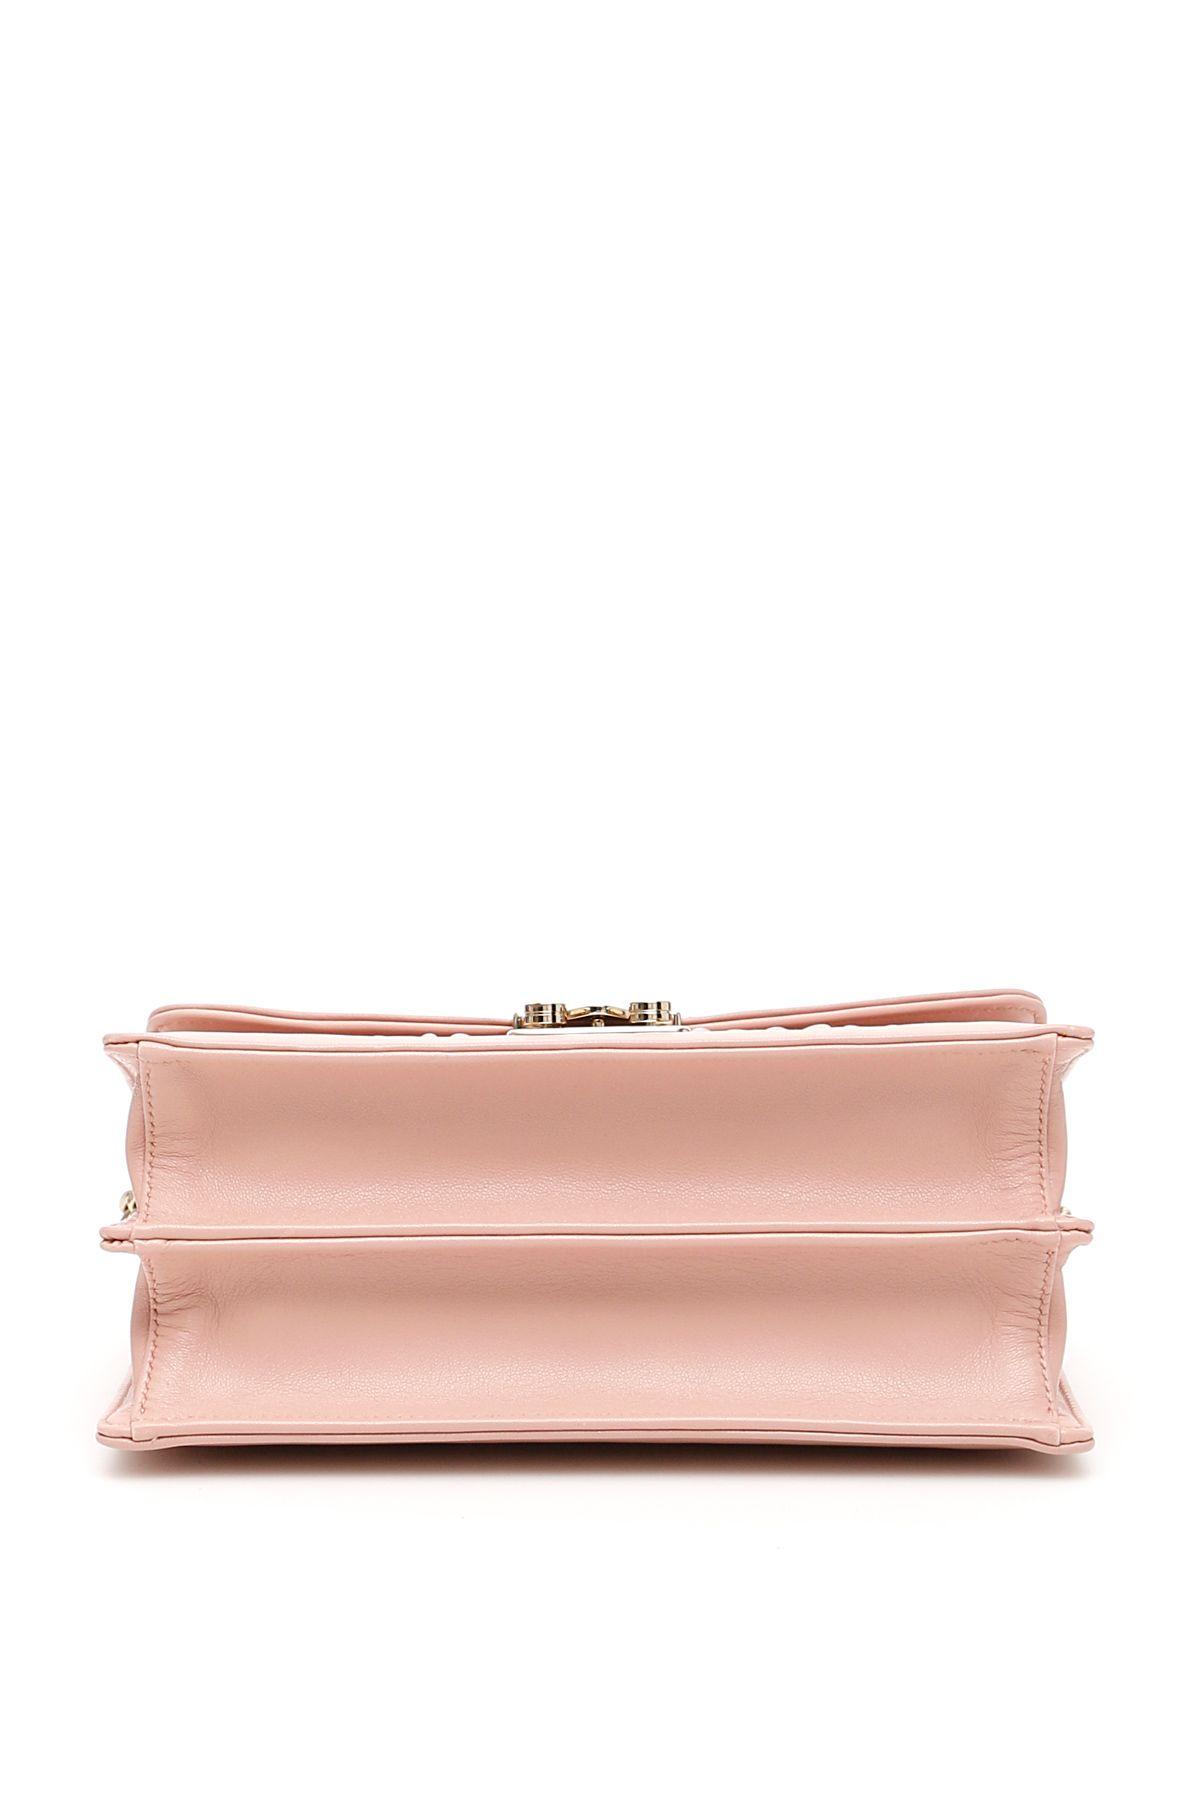 Miu Miu Miu Miu Medium Miu Confidential Shoulder Bag - ORCHIDEA 750701f2360bc